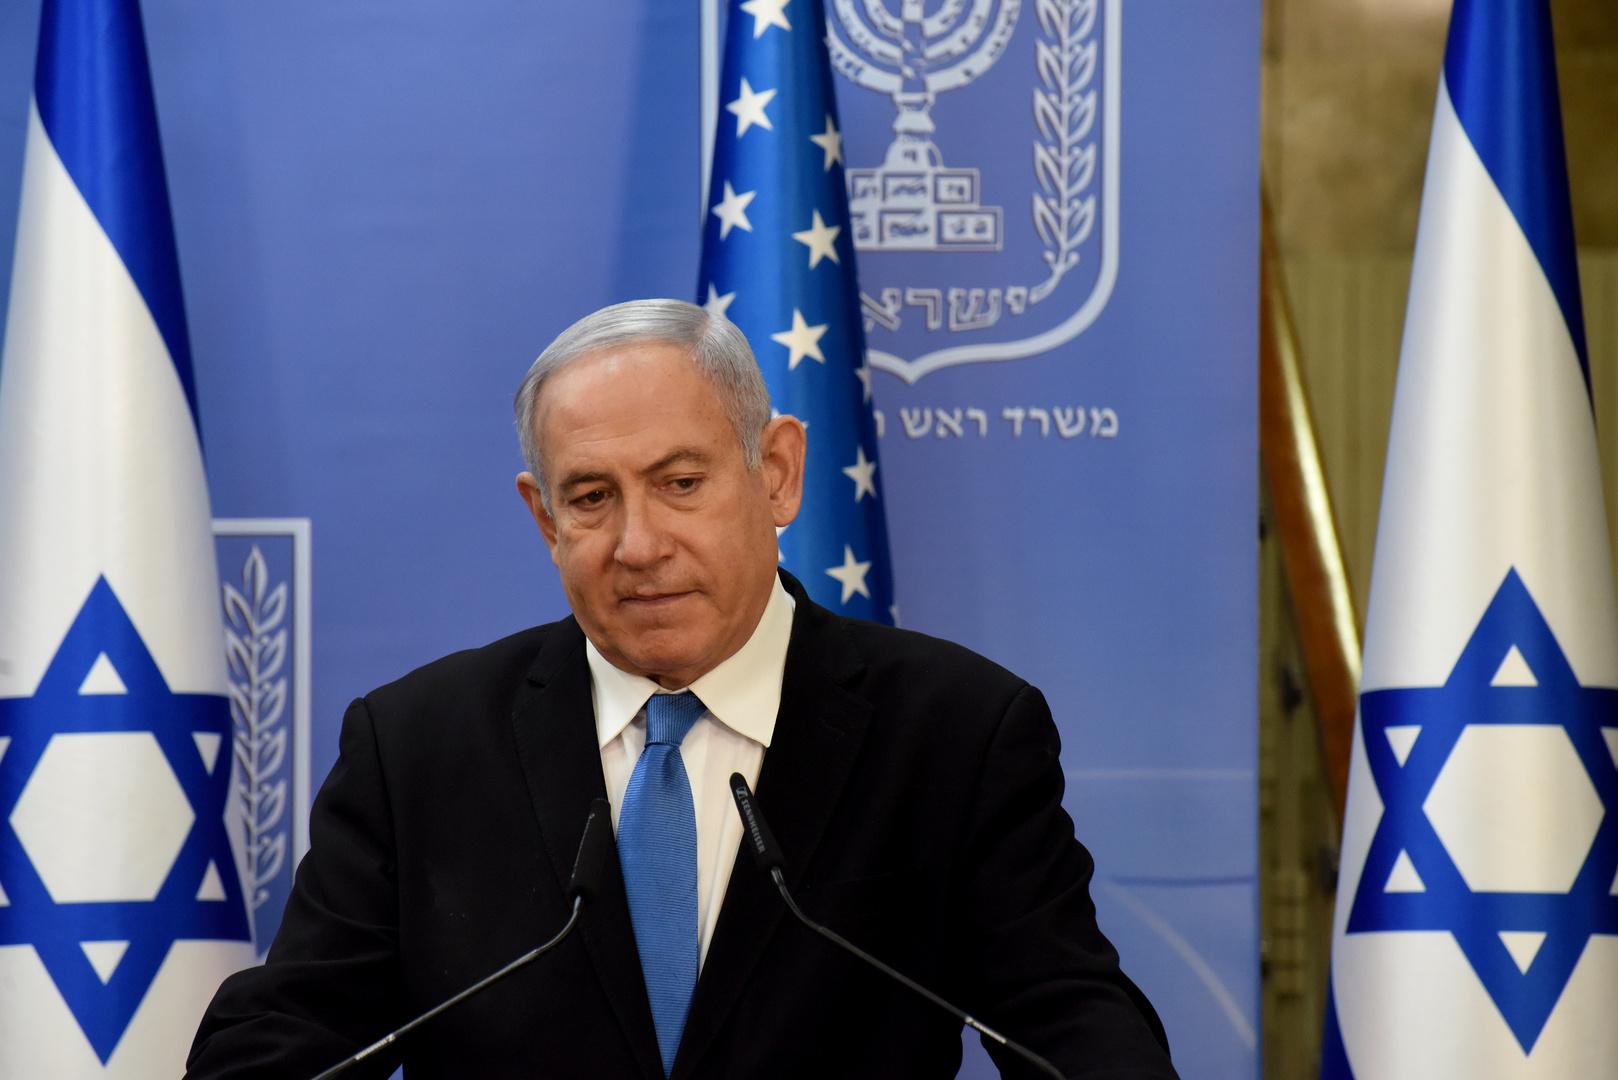 وسائل إعلام: الإمارات تلغي اللقاء مع إسرائيل والولايات المتحدة بسبب تصريحات نتنياهو